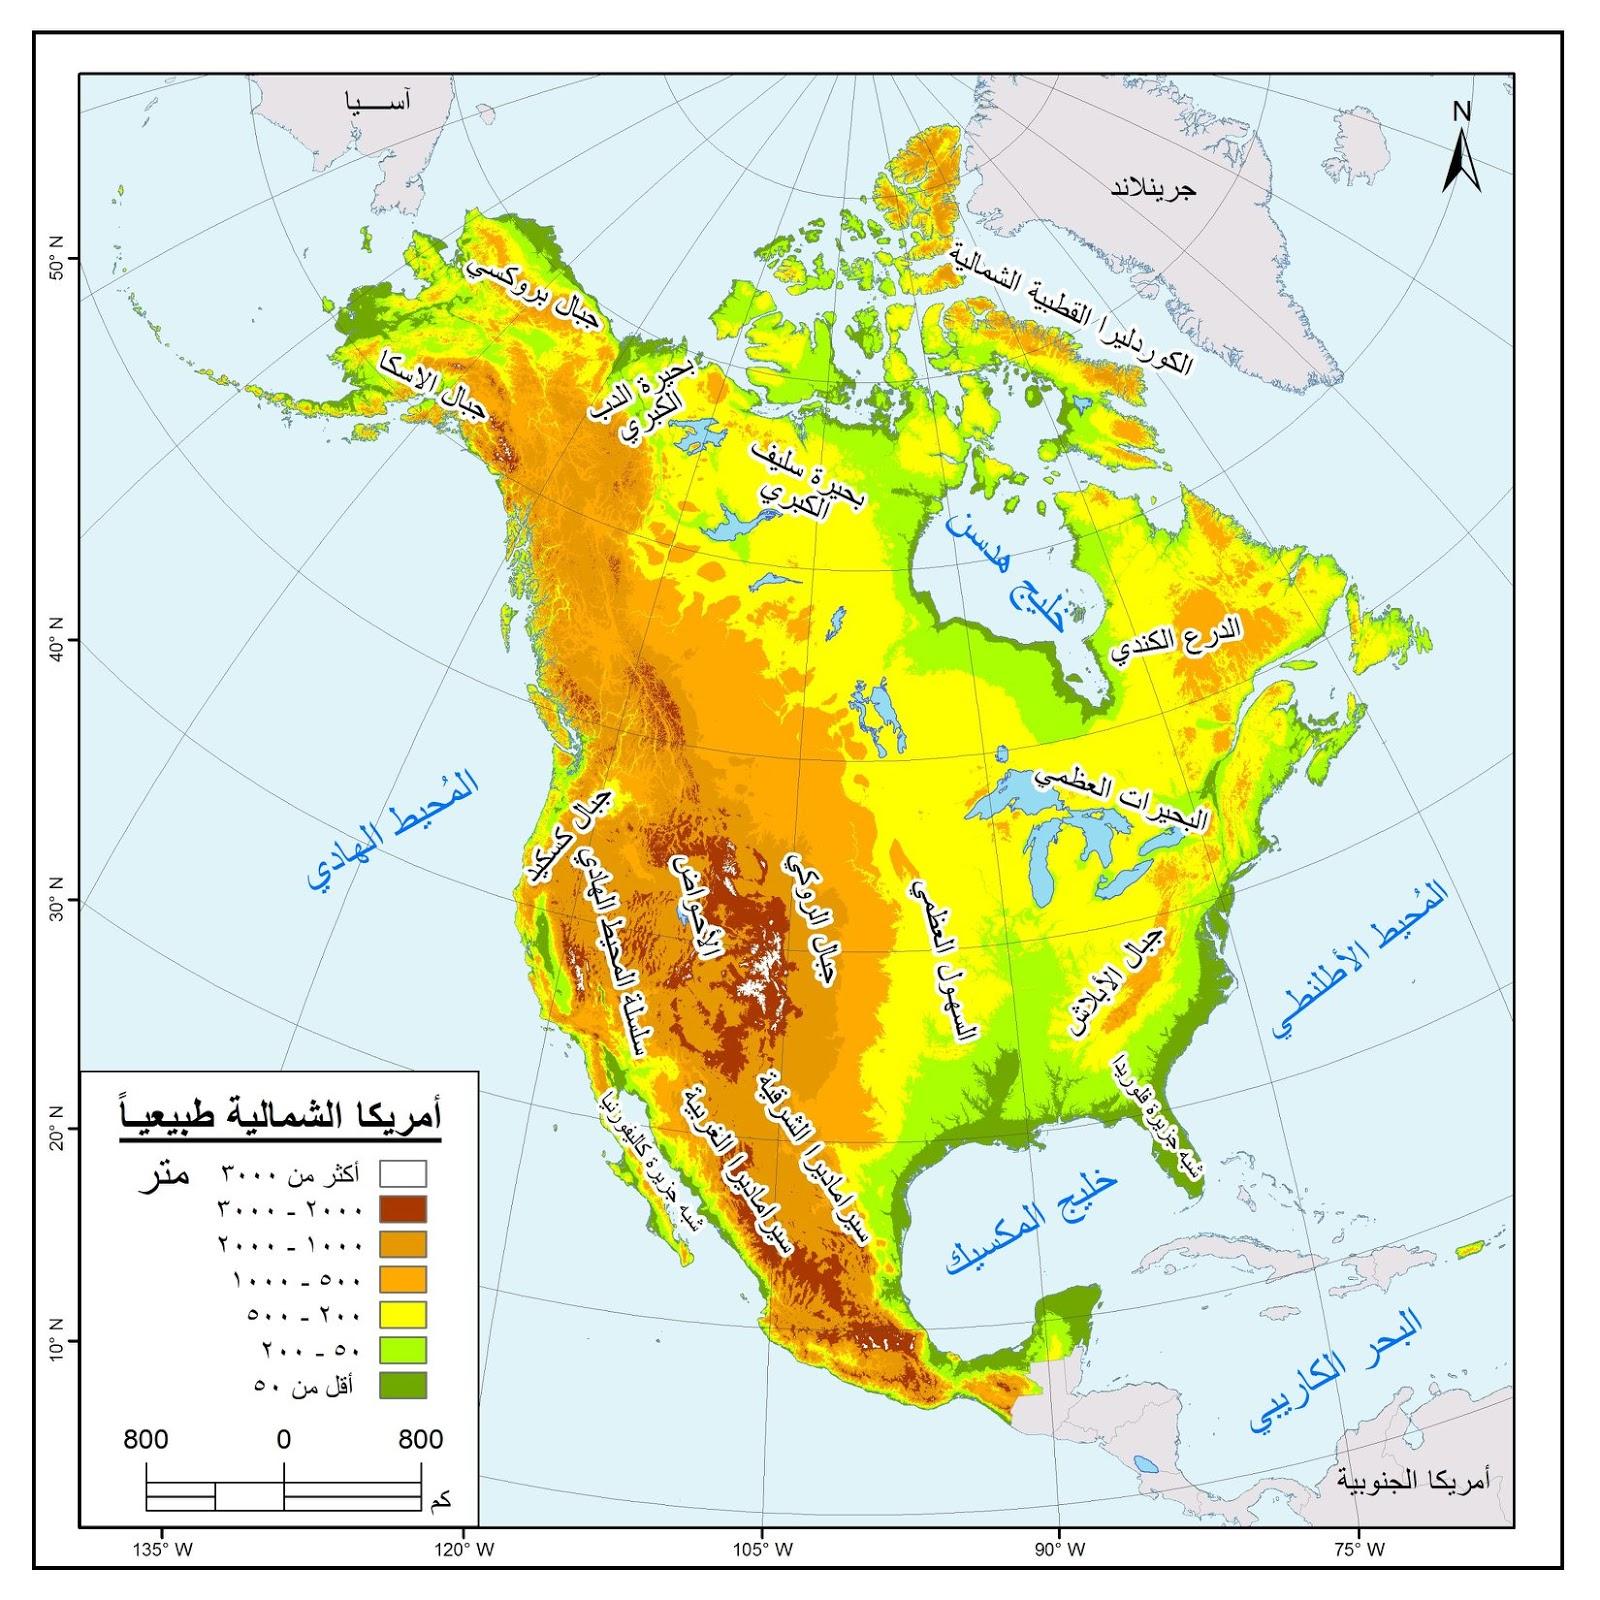 أكبر الجبال في أمريكا الشمالية